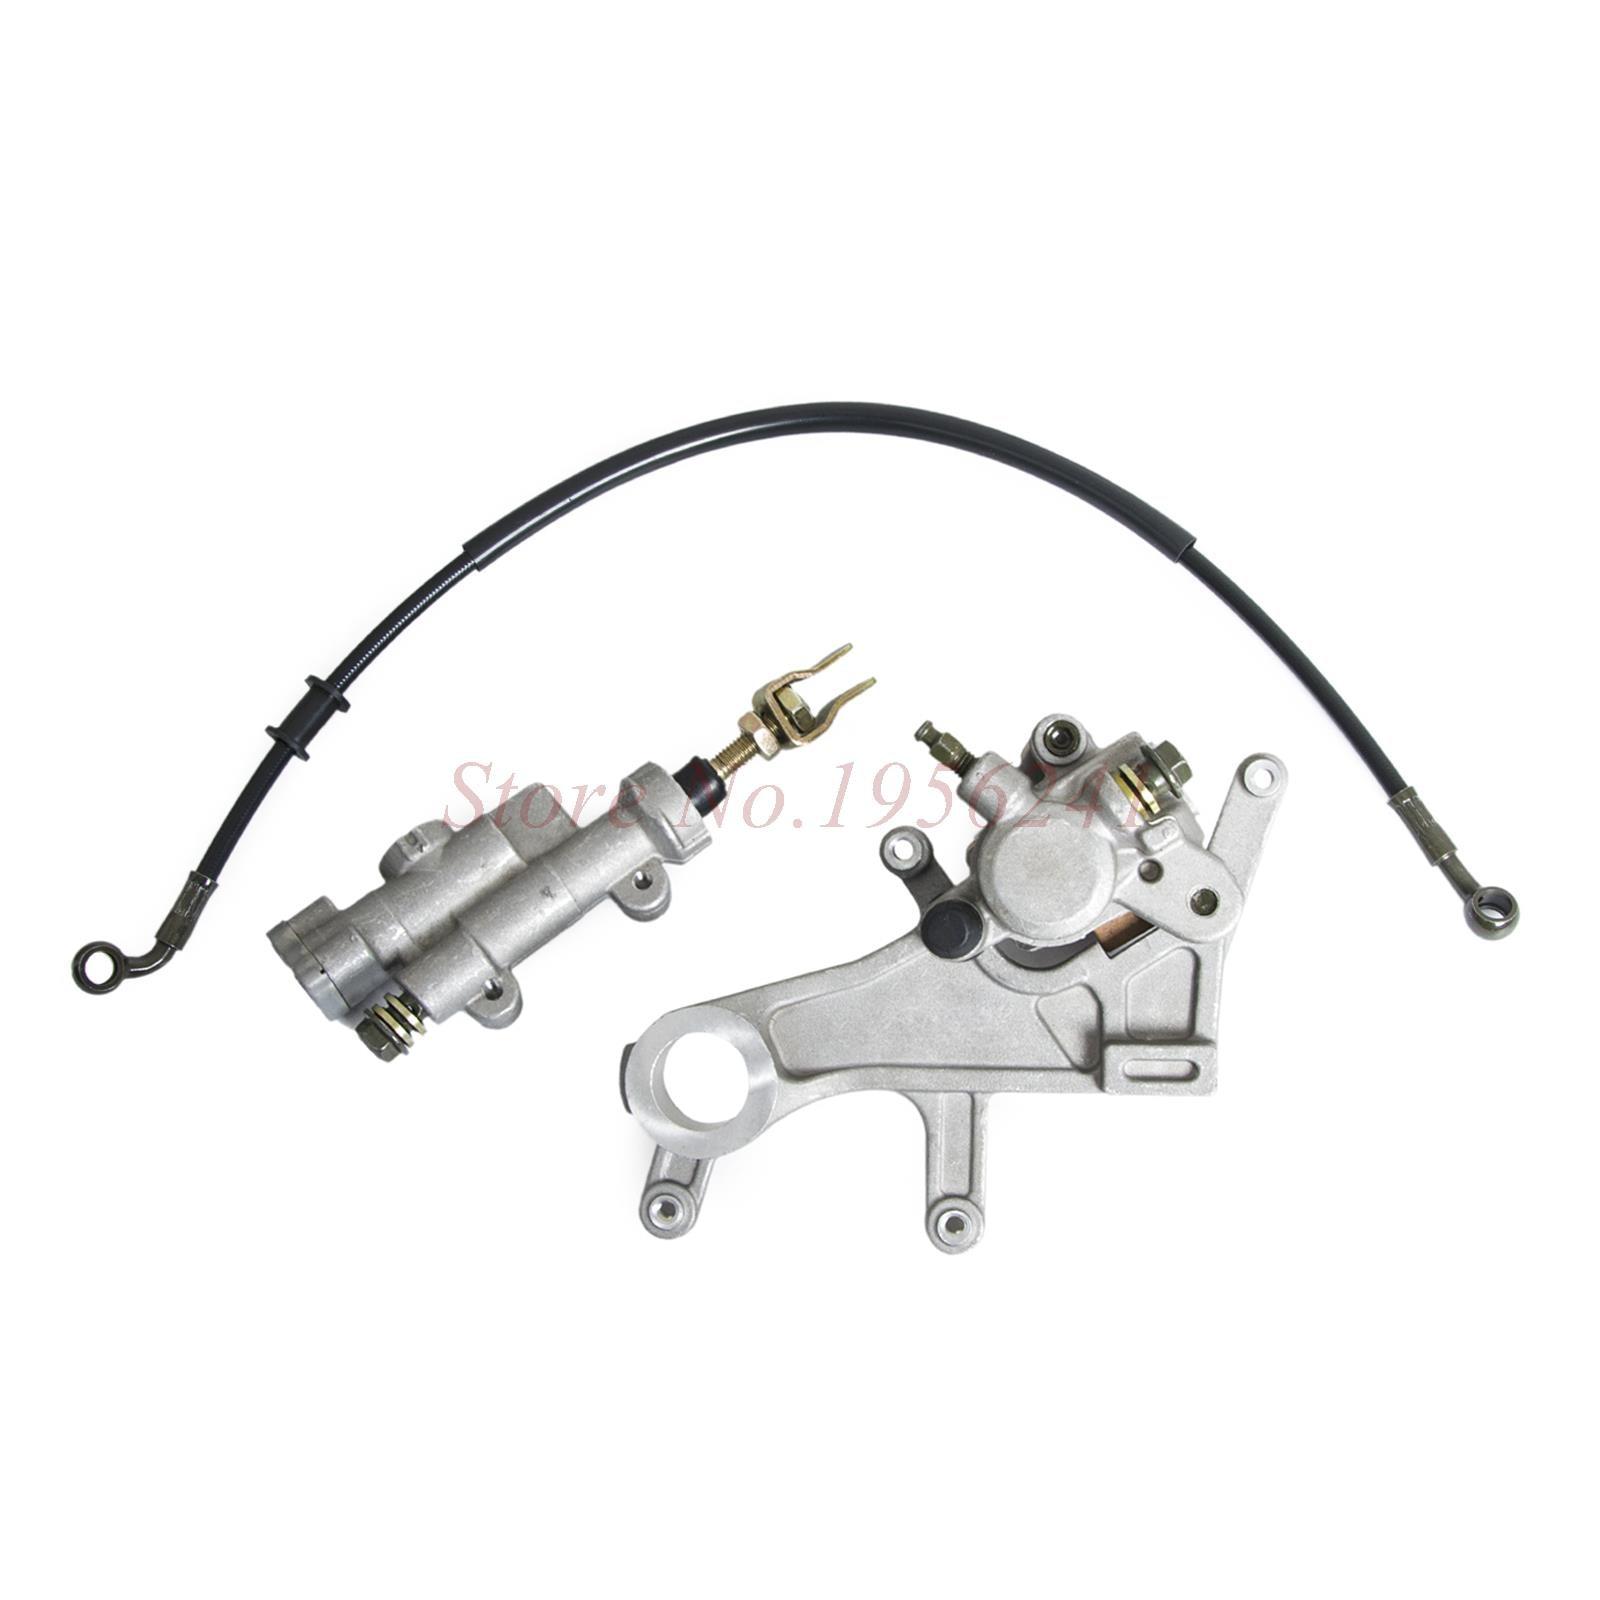 ФОТО Rear Brake Caliper Master Cylinder For Honda CRF450R CRF450X CRF 450R 450X